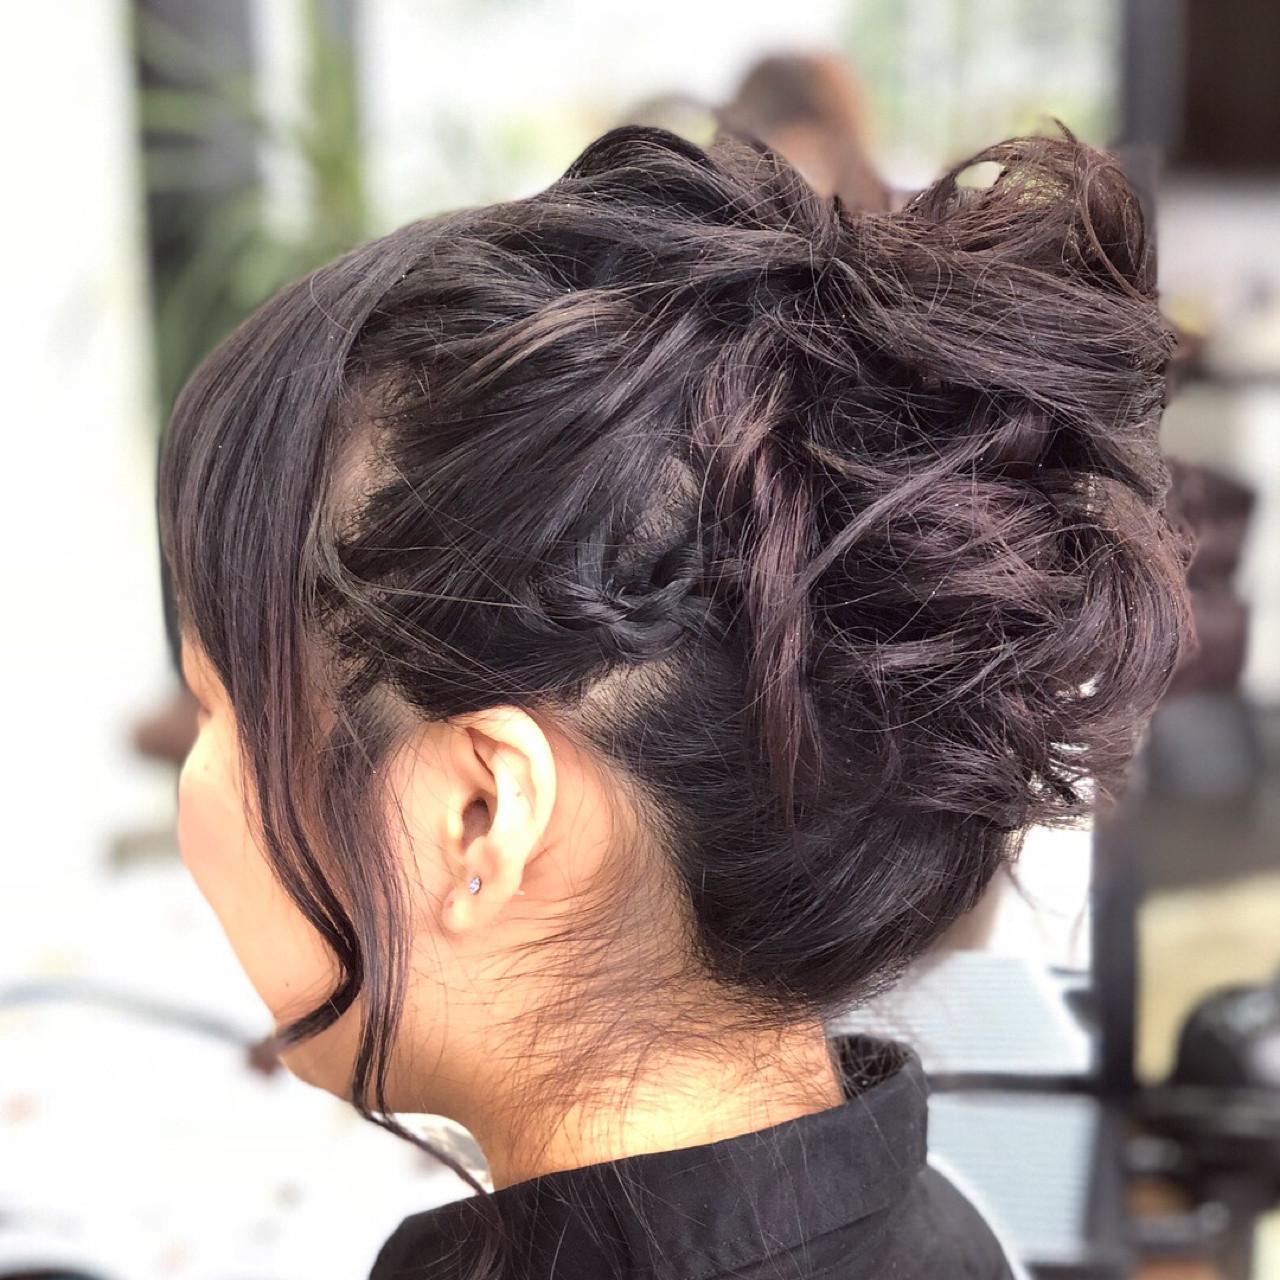 ガーリー ミディアム お団子 結婚式 ヘアスタイルや髪型の写真・画像